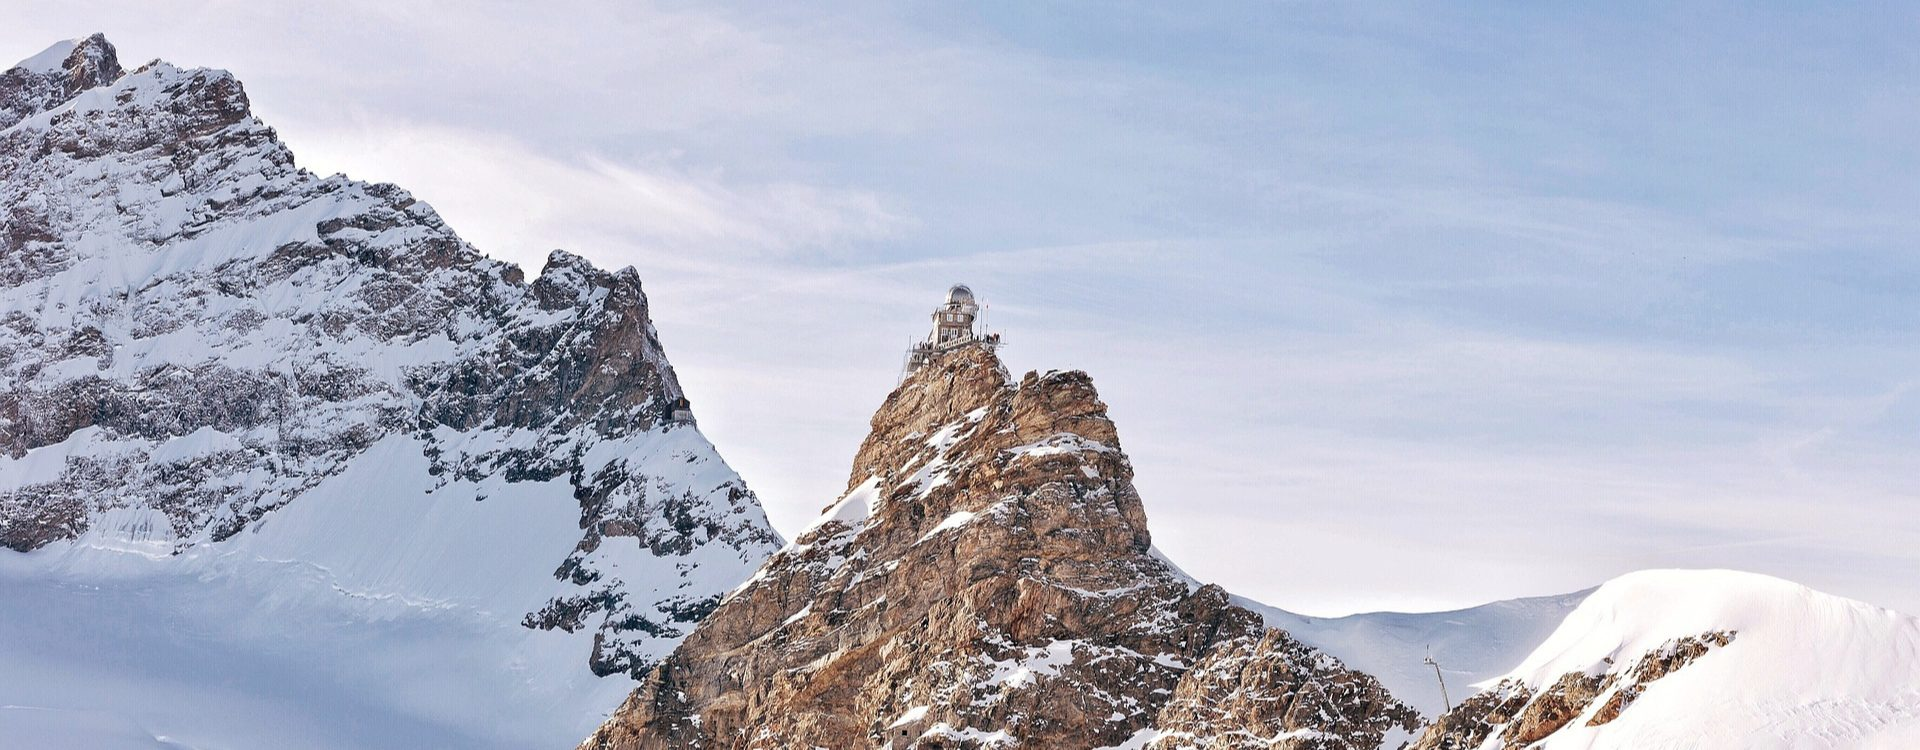 Suisse - Tour du Madrissa - Les matins du monde